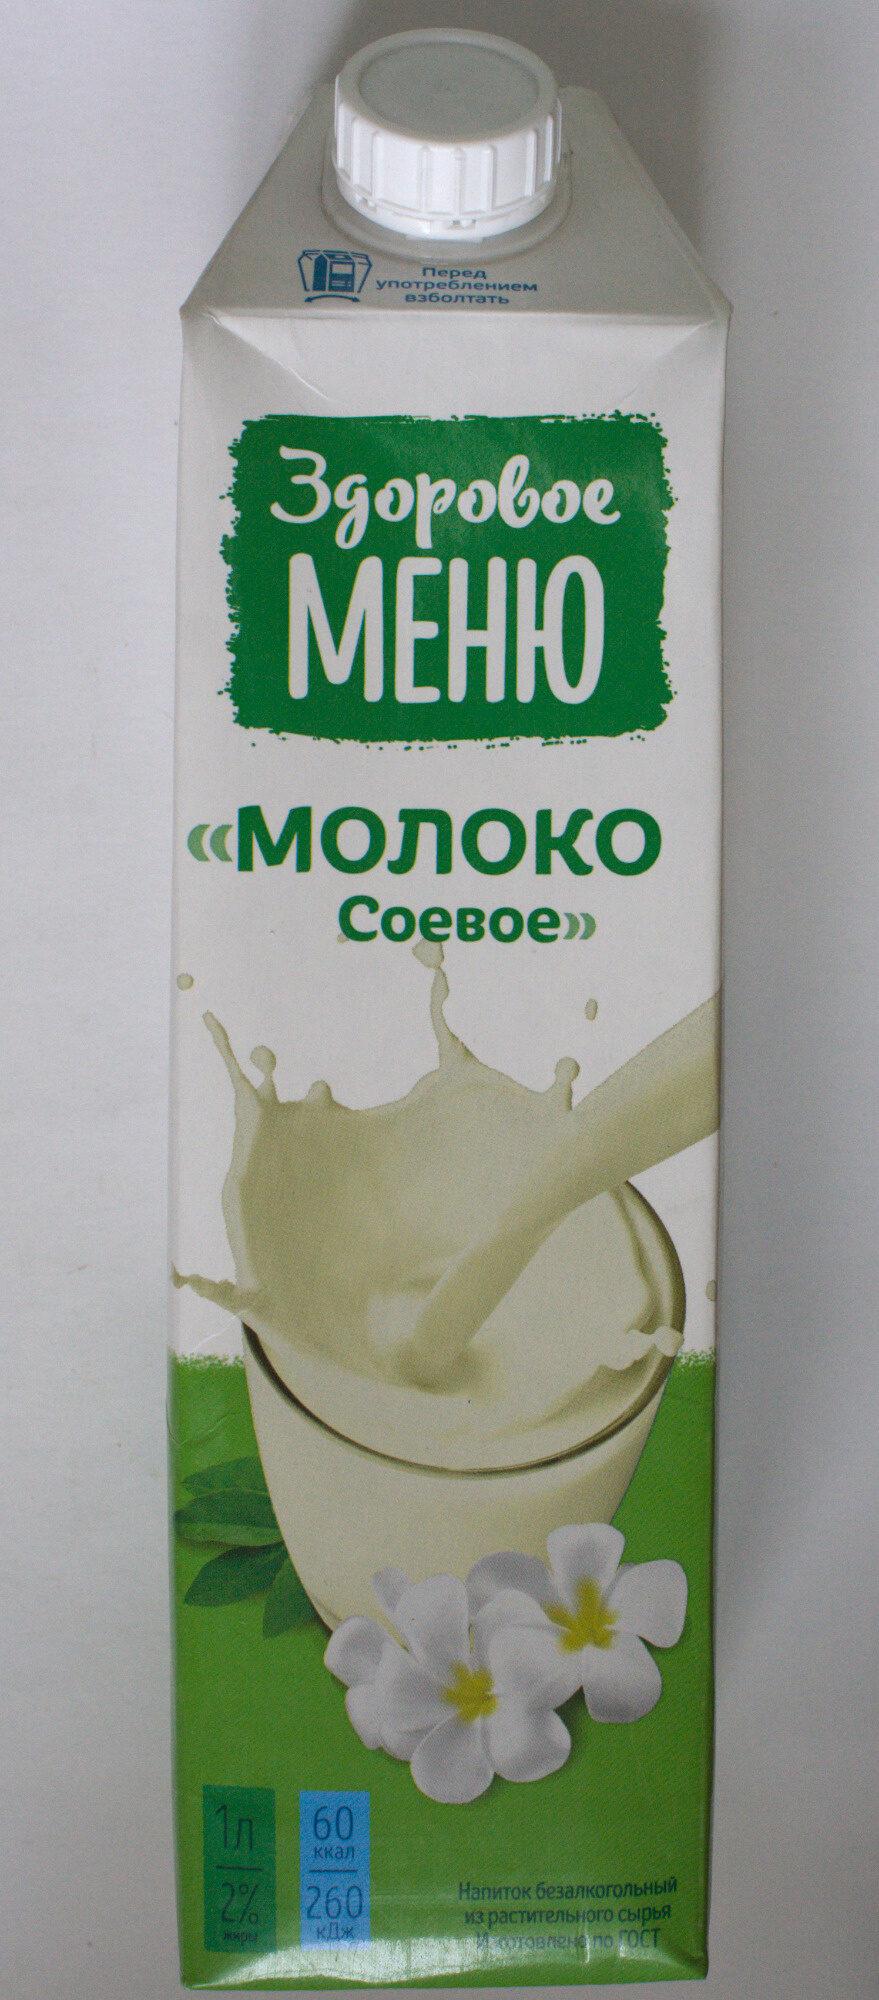 Молоко соевое - Product